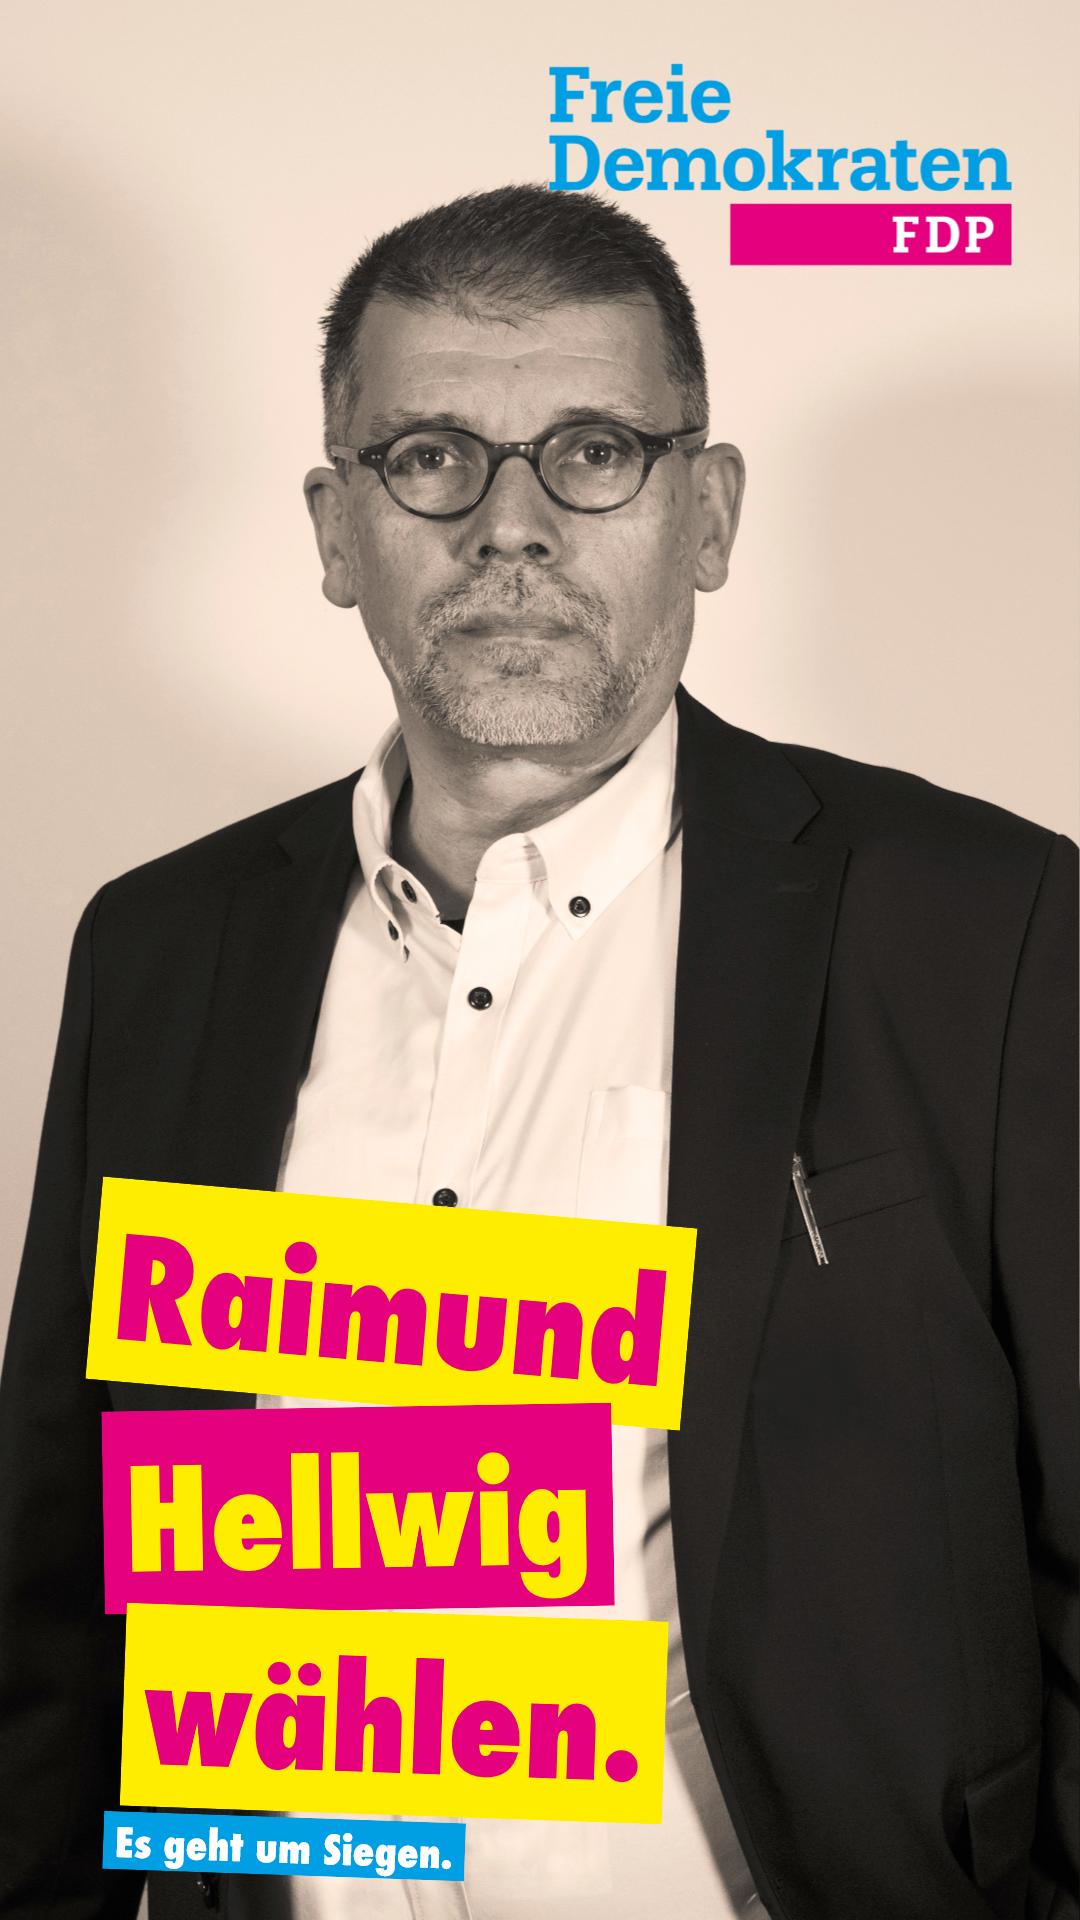 Raimund Hellwig